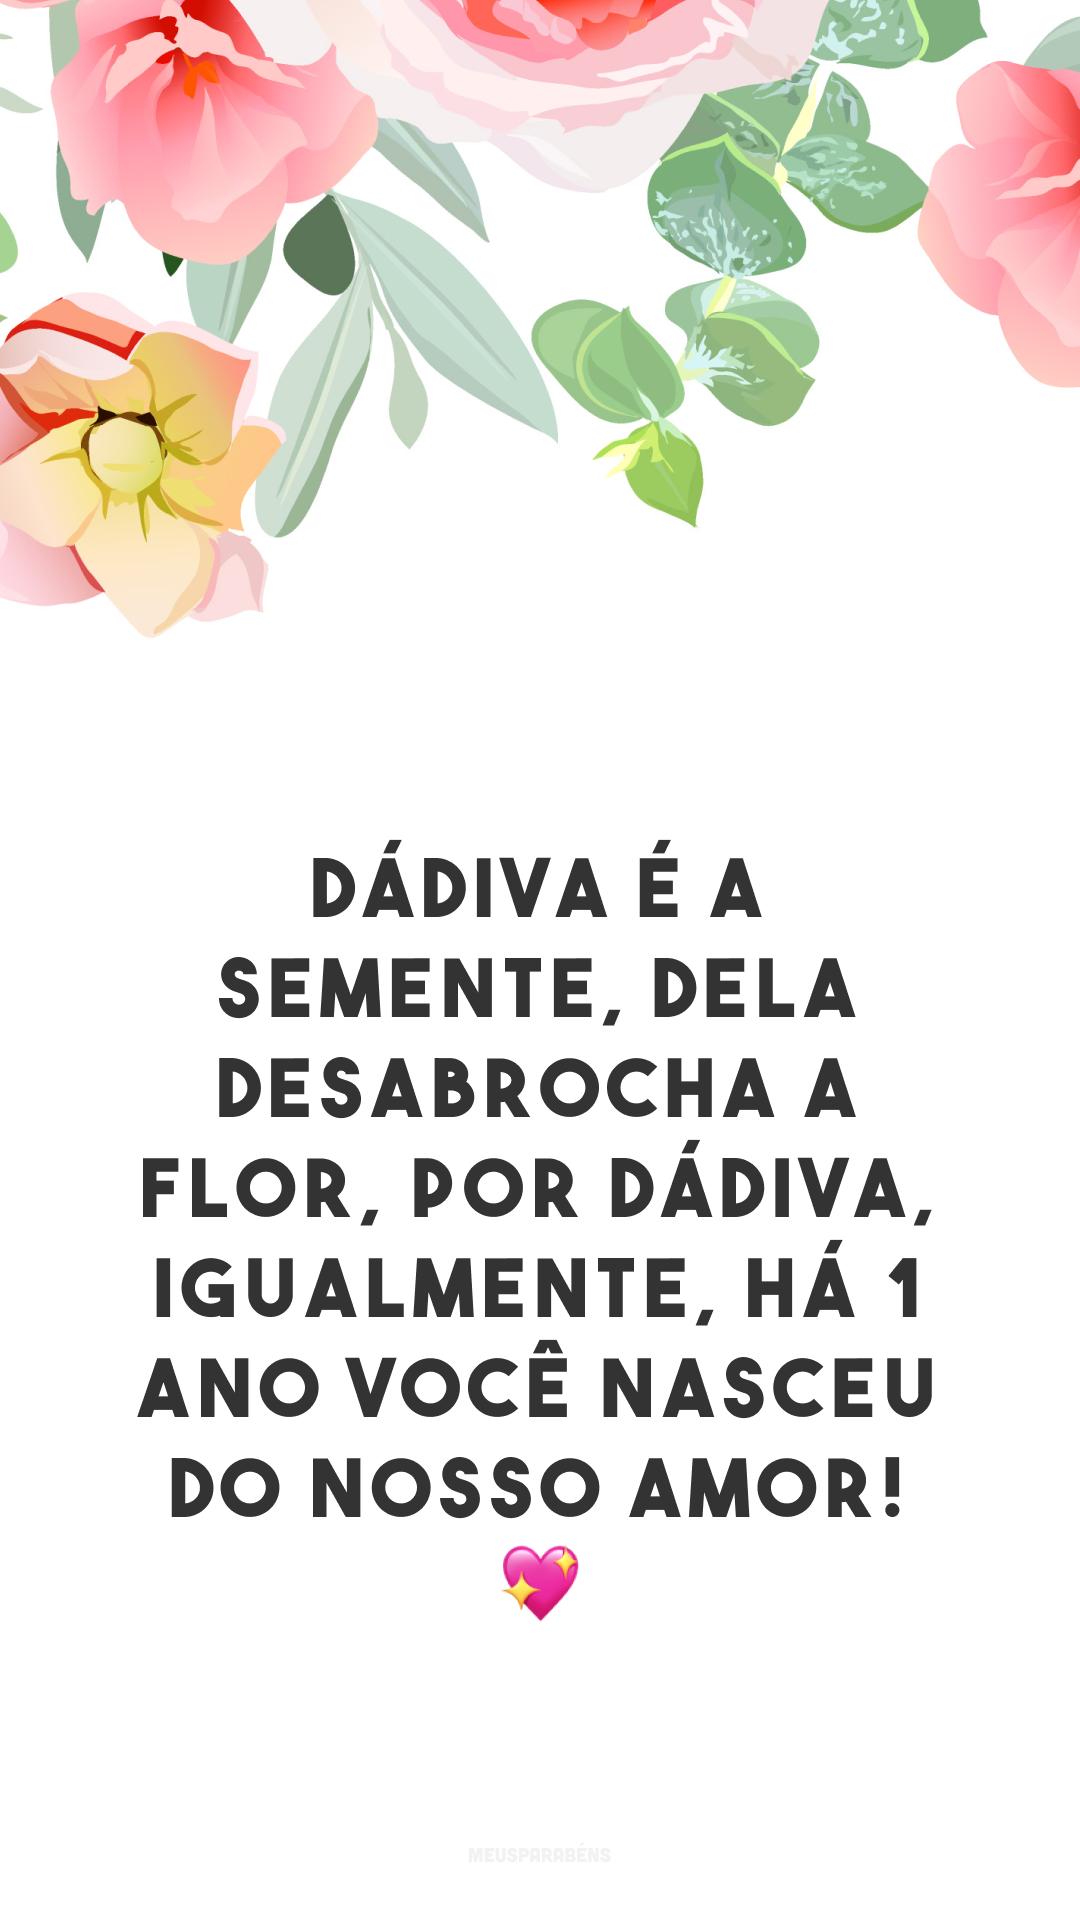 Dádiva é a semente, dela desabrocha a flor, por dádiva, igualmente, há 1 ano você nasceu do nosso amor!  💖